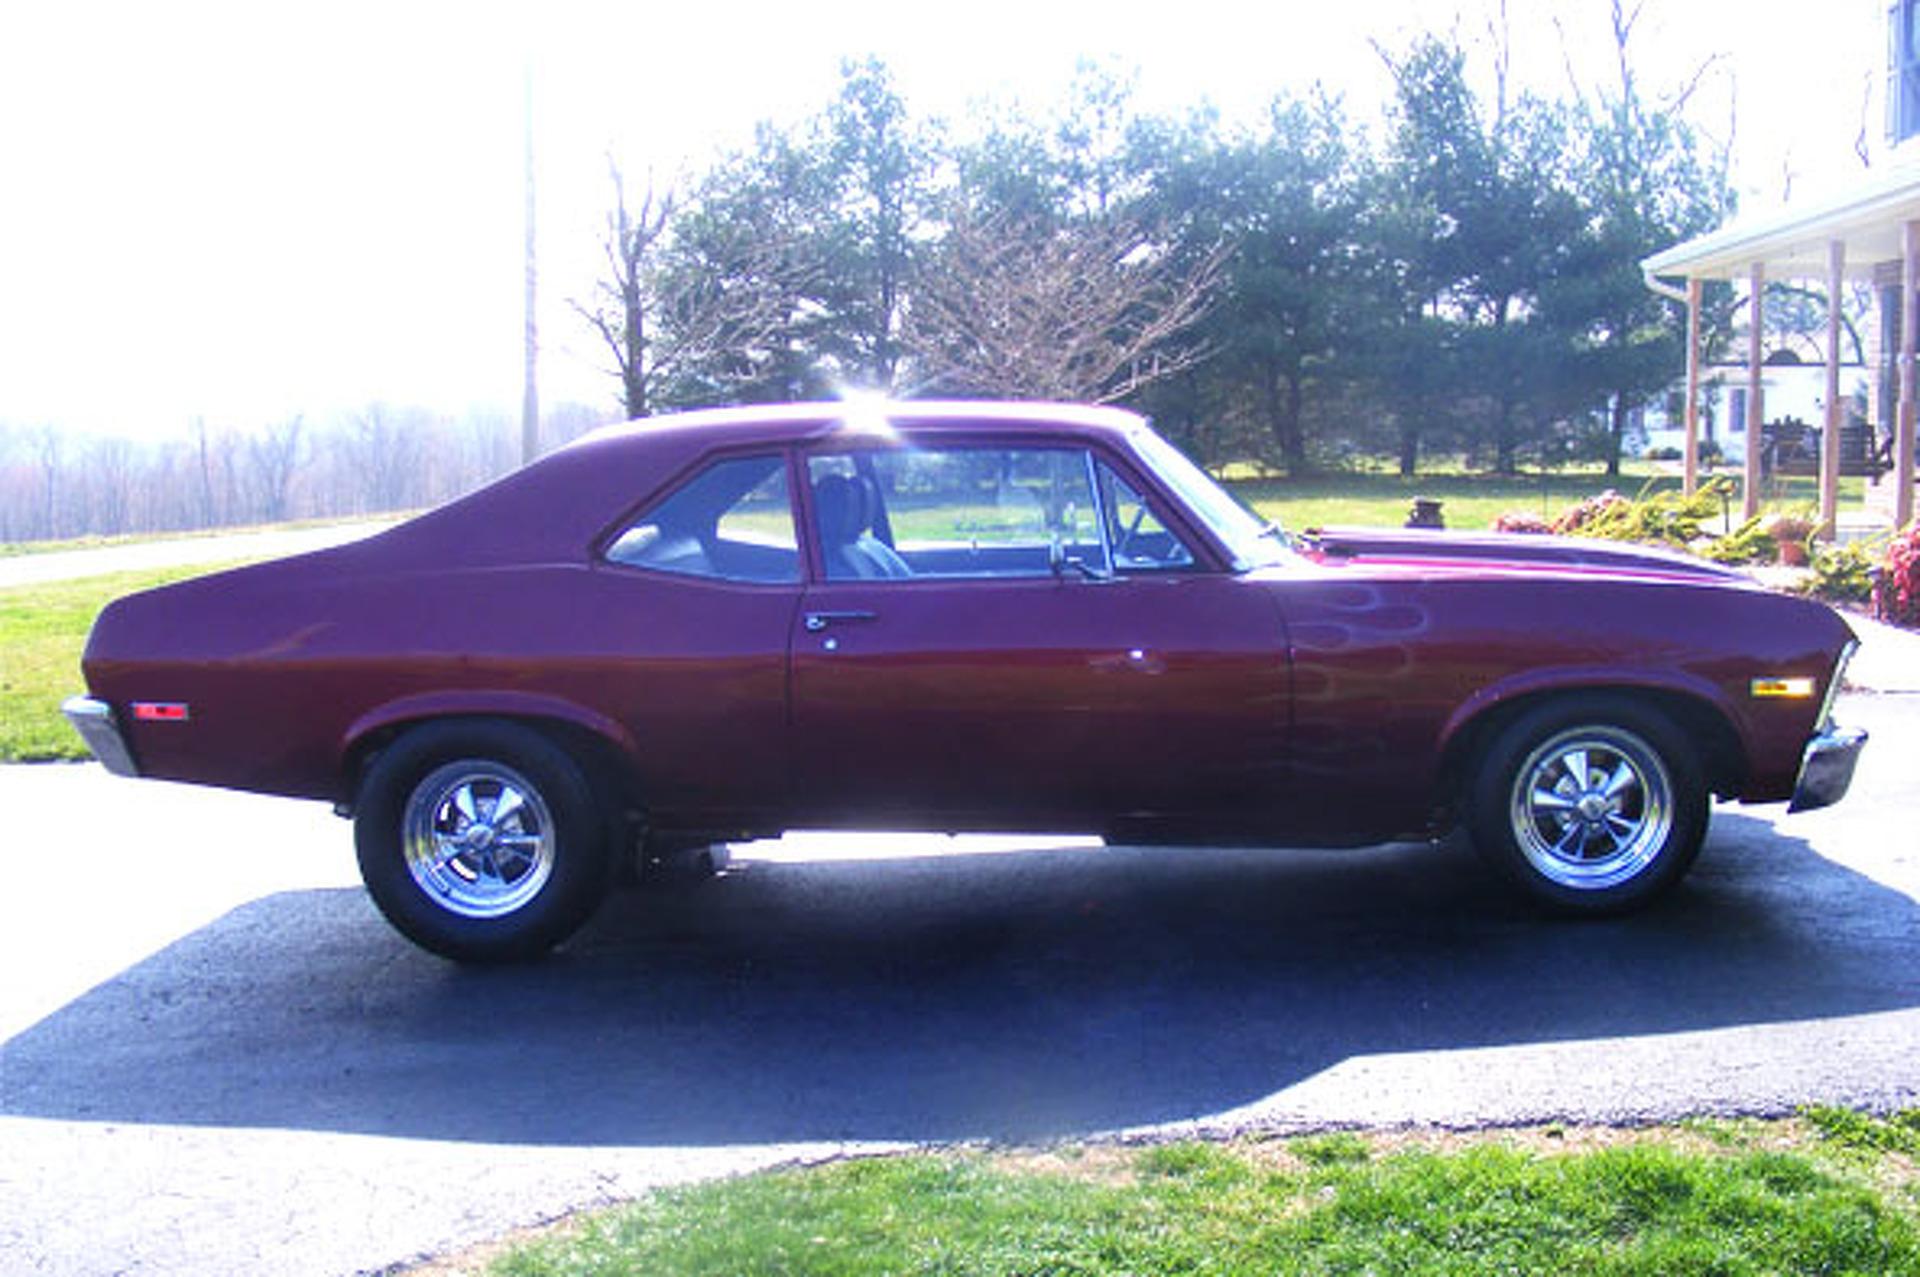 Your Ride 1970 Chevrolet Nova Ss